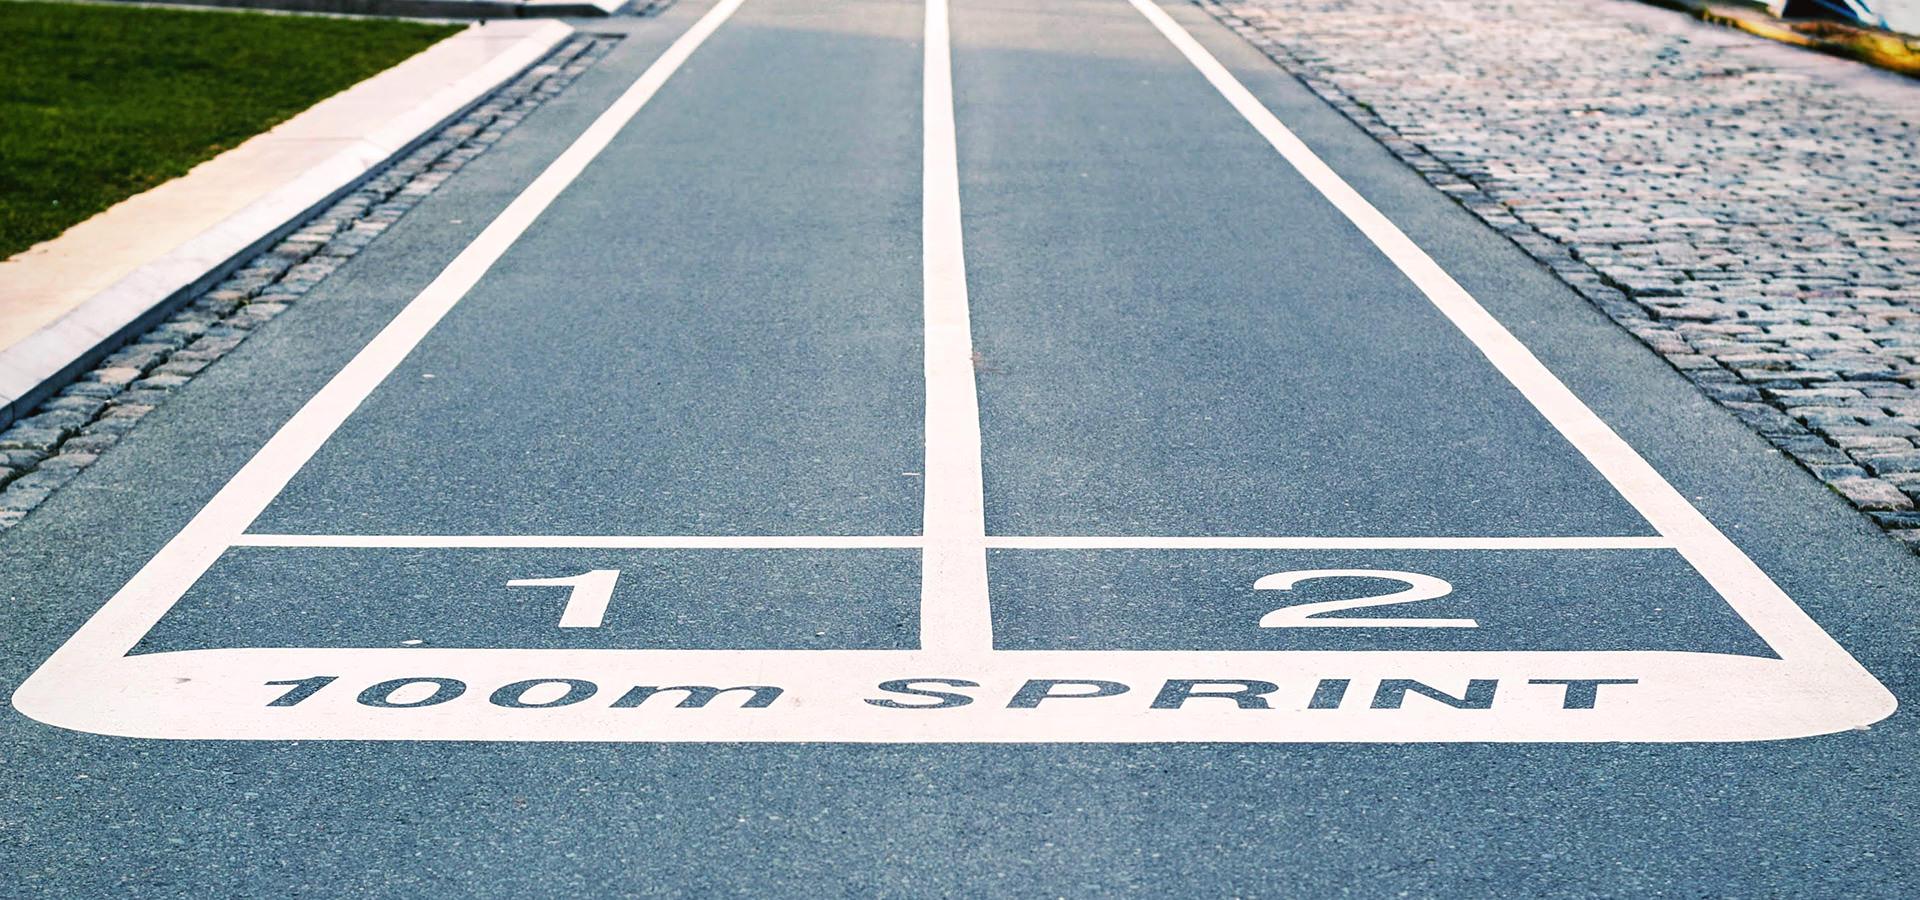 Προαγωνιστική ρουτίνα. Γιατί είναι σημαντική και που βοηθά τους αθλητές;